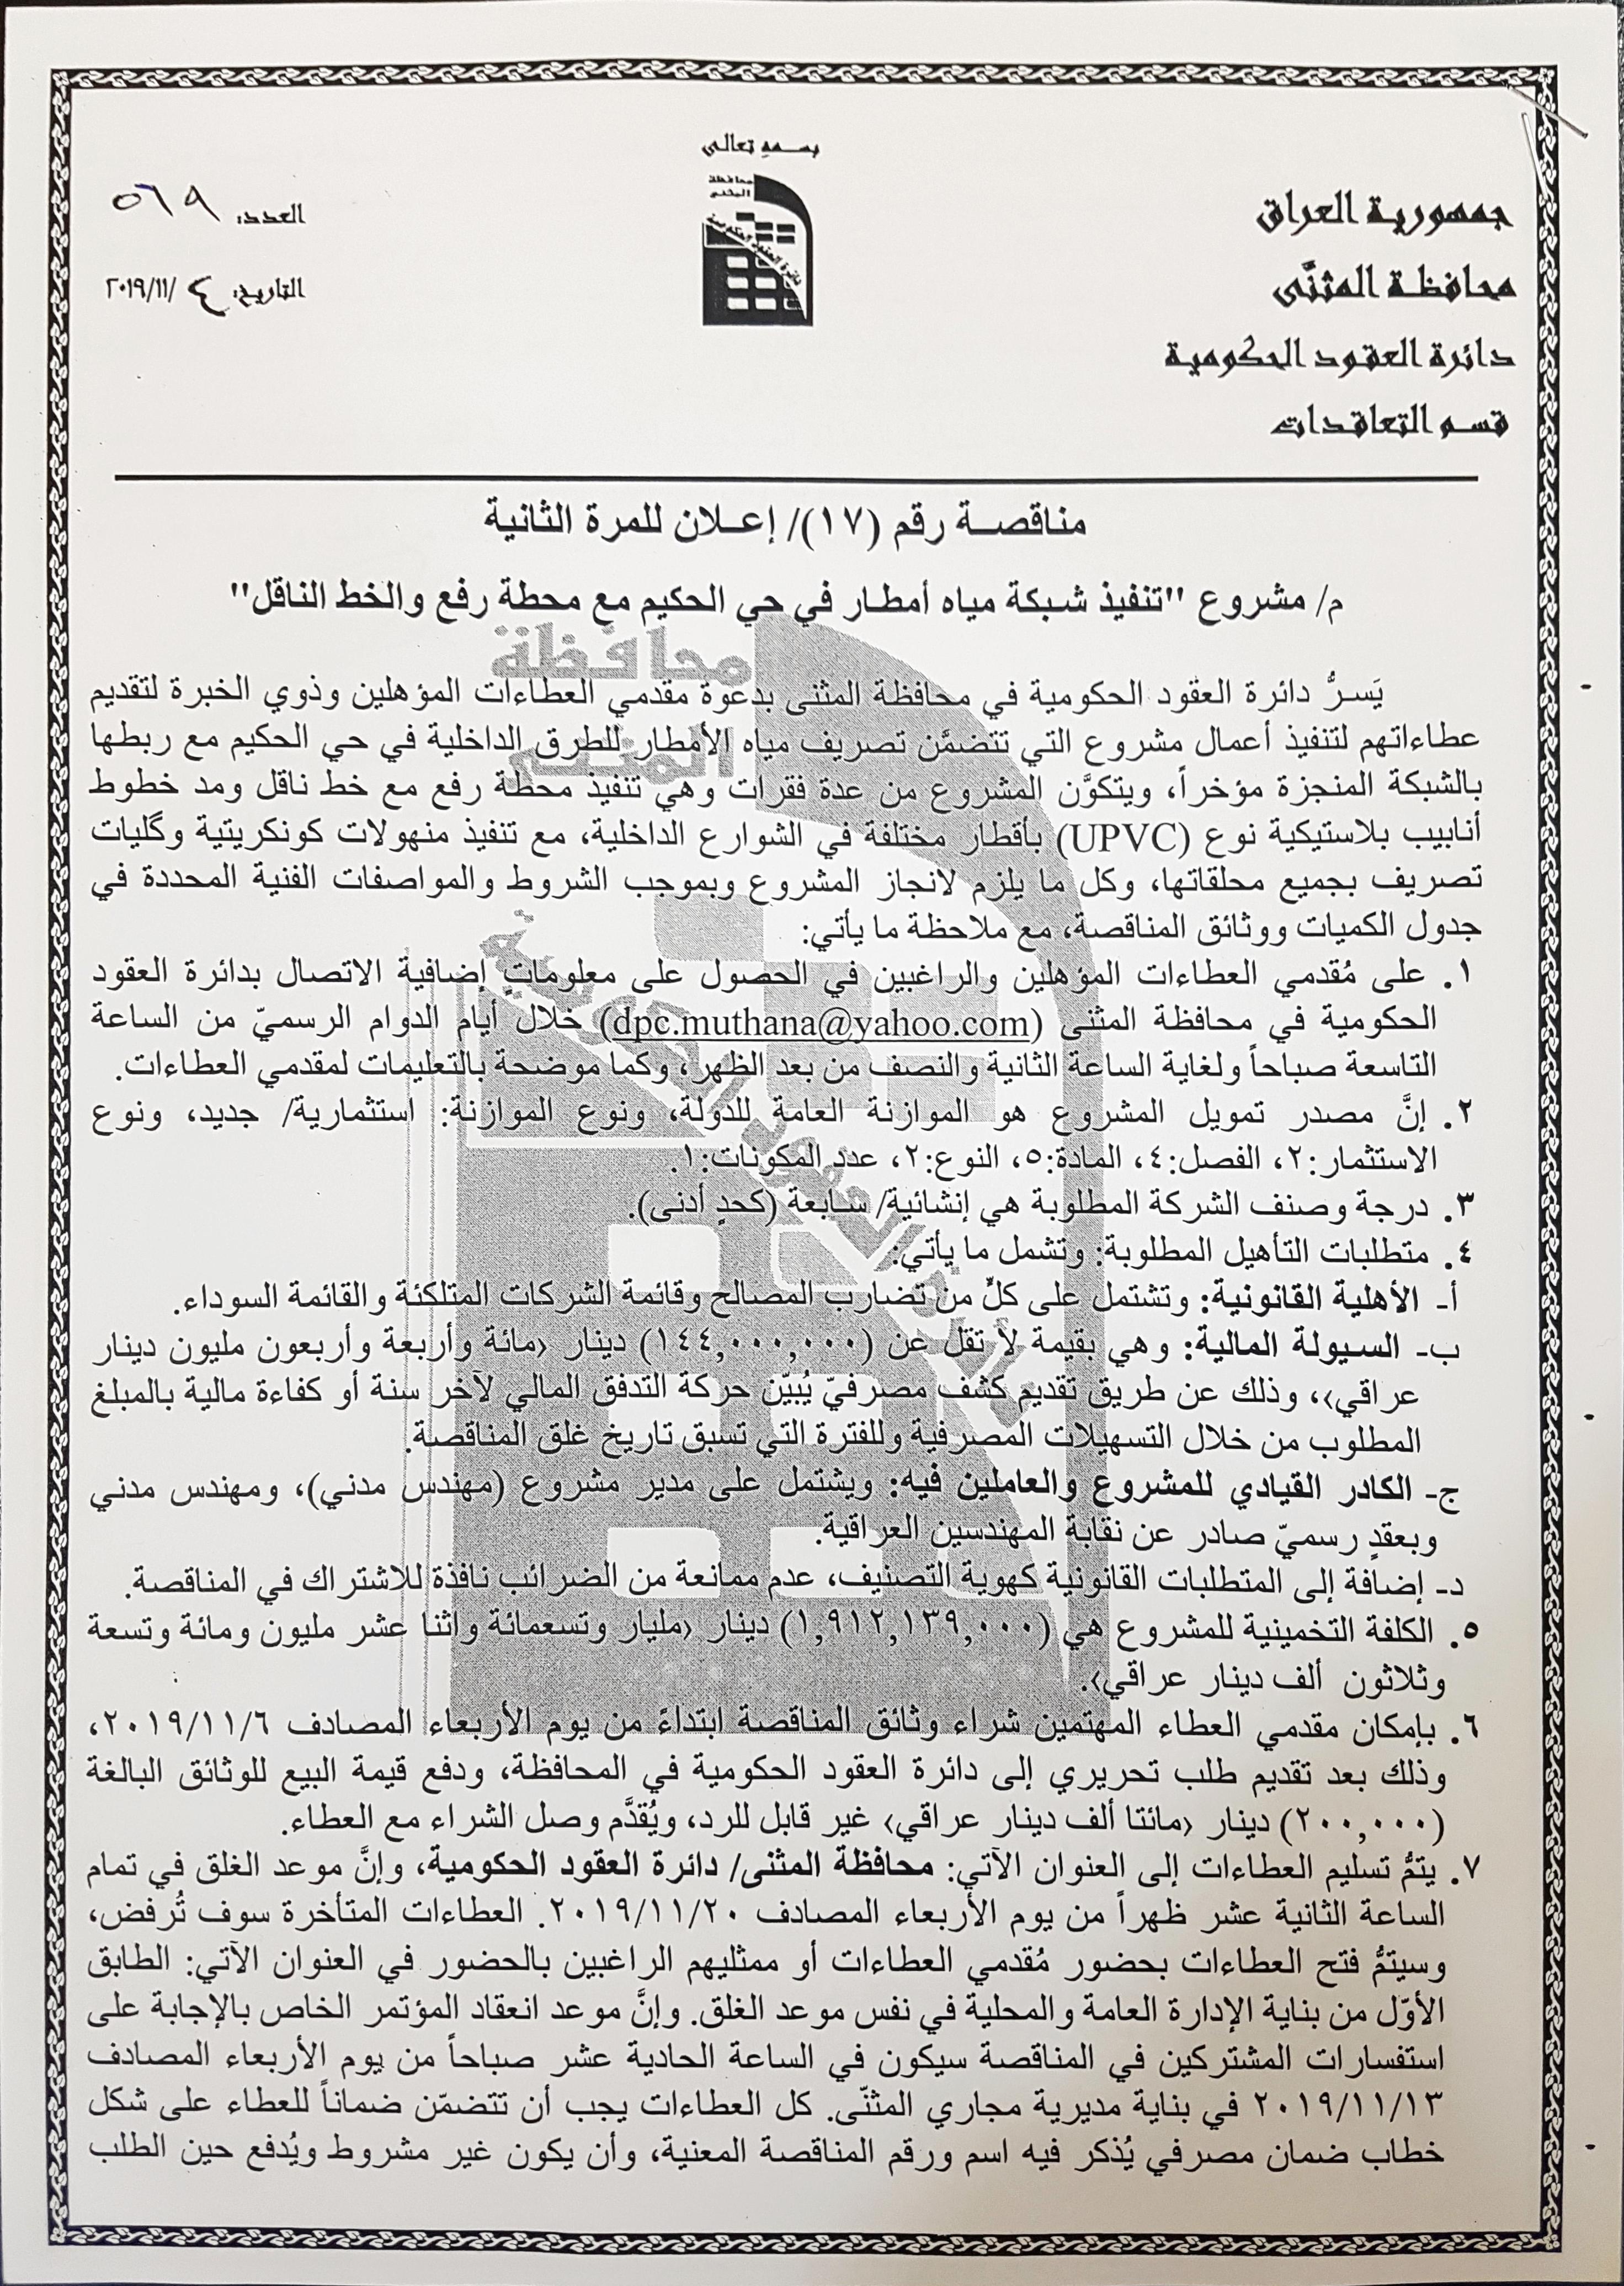 اعلان مشروع تنفيذ شبكة مياه امطار في حي الحكيم مع محطة رفع والخط الناقل